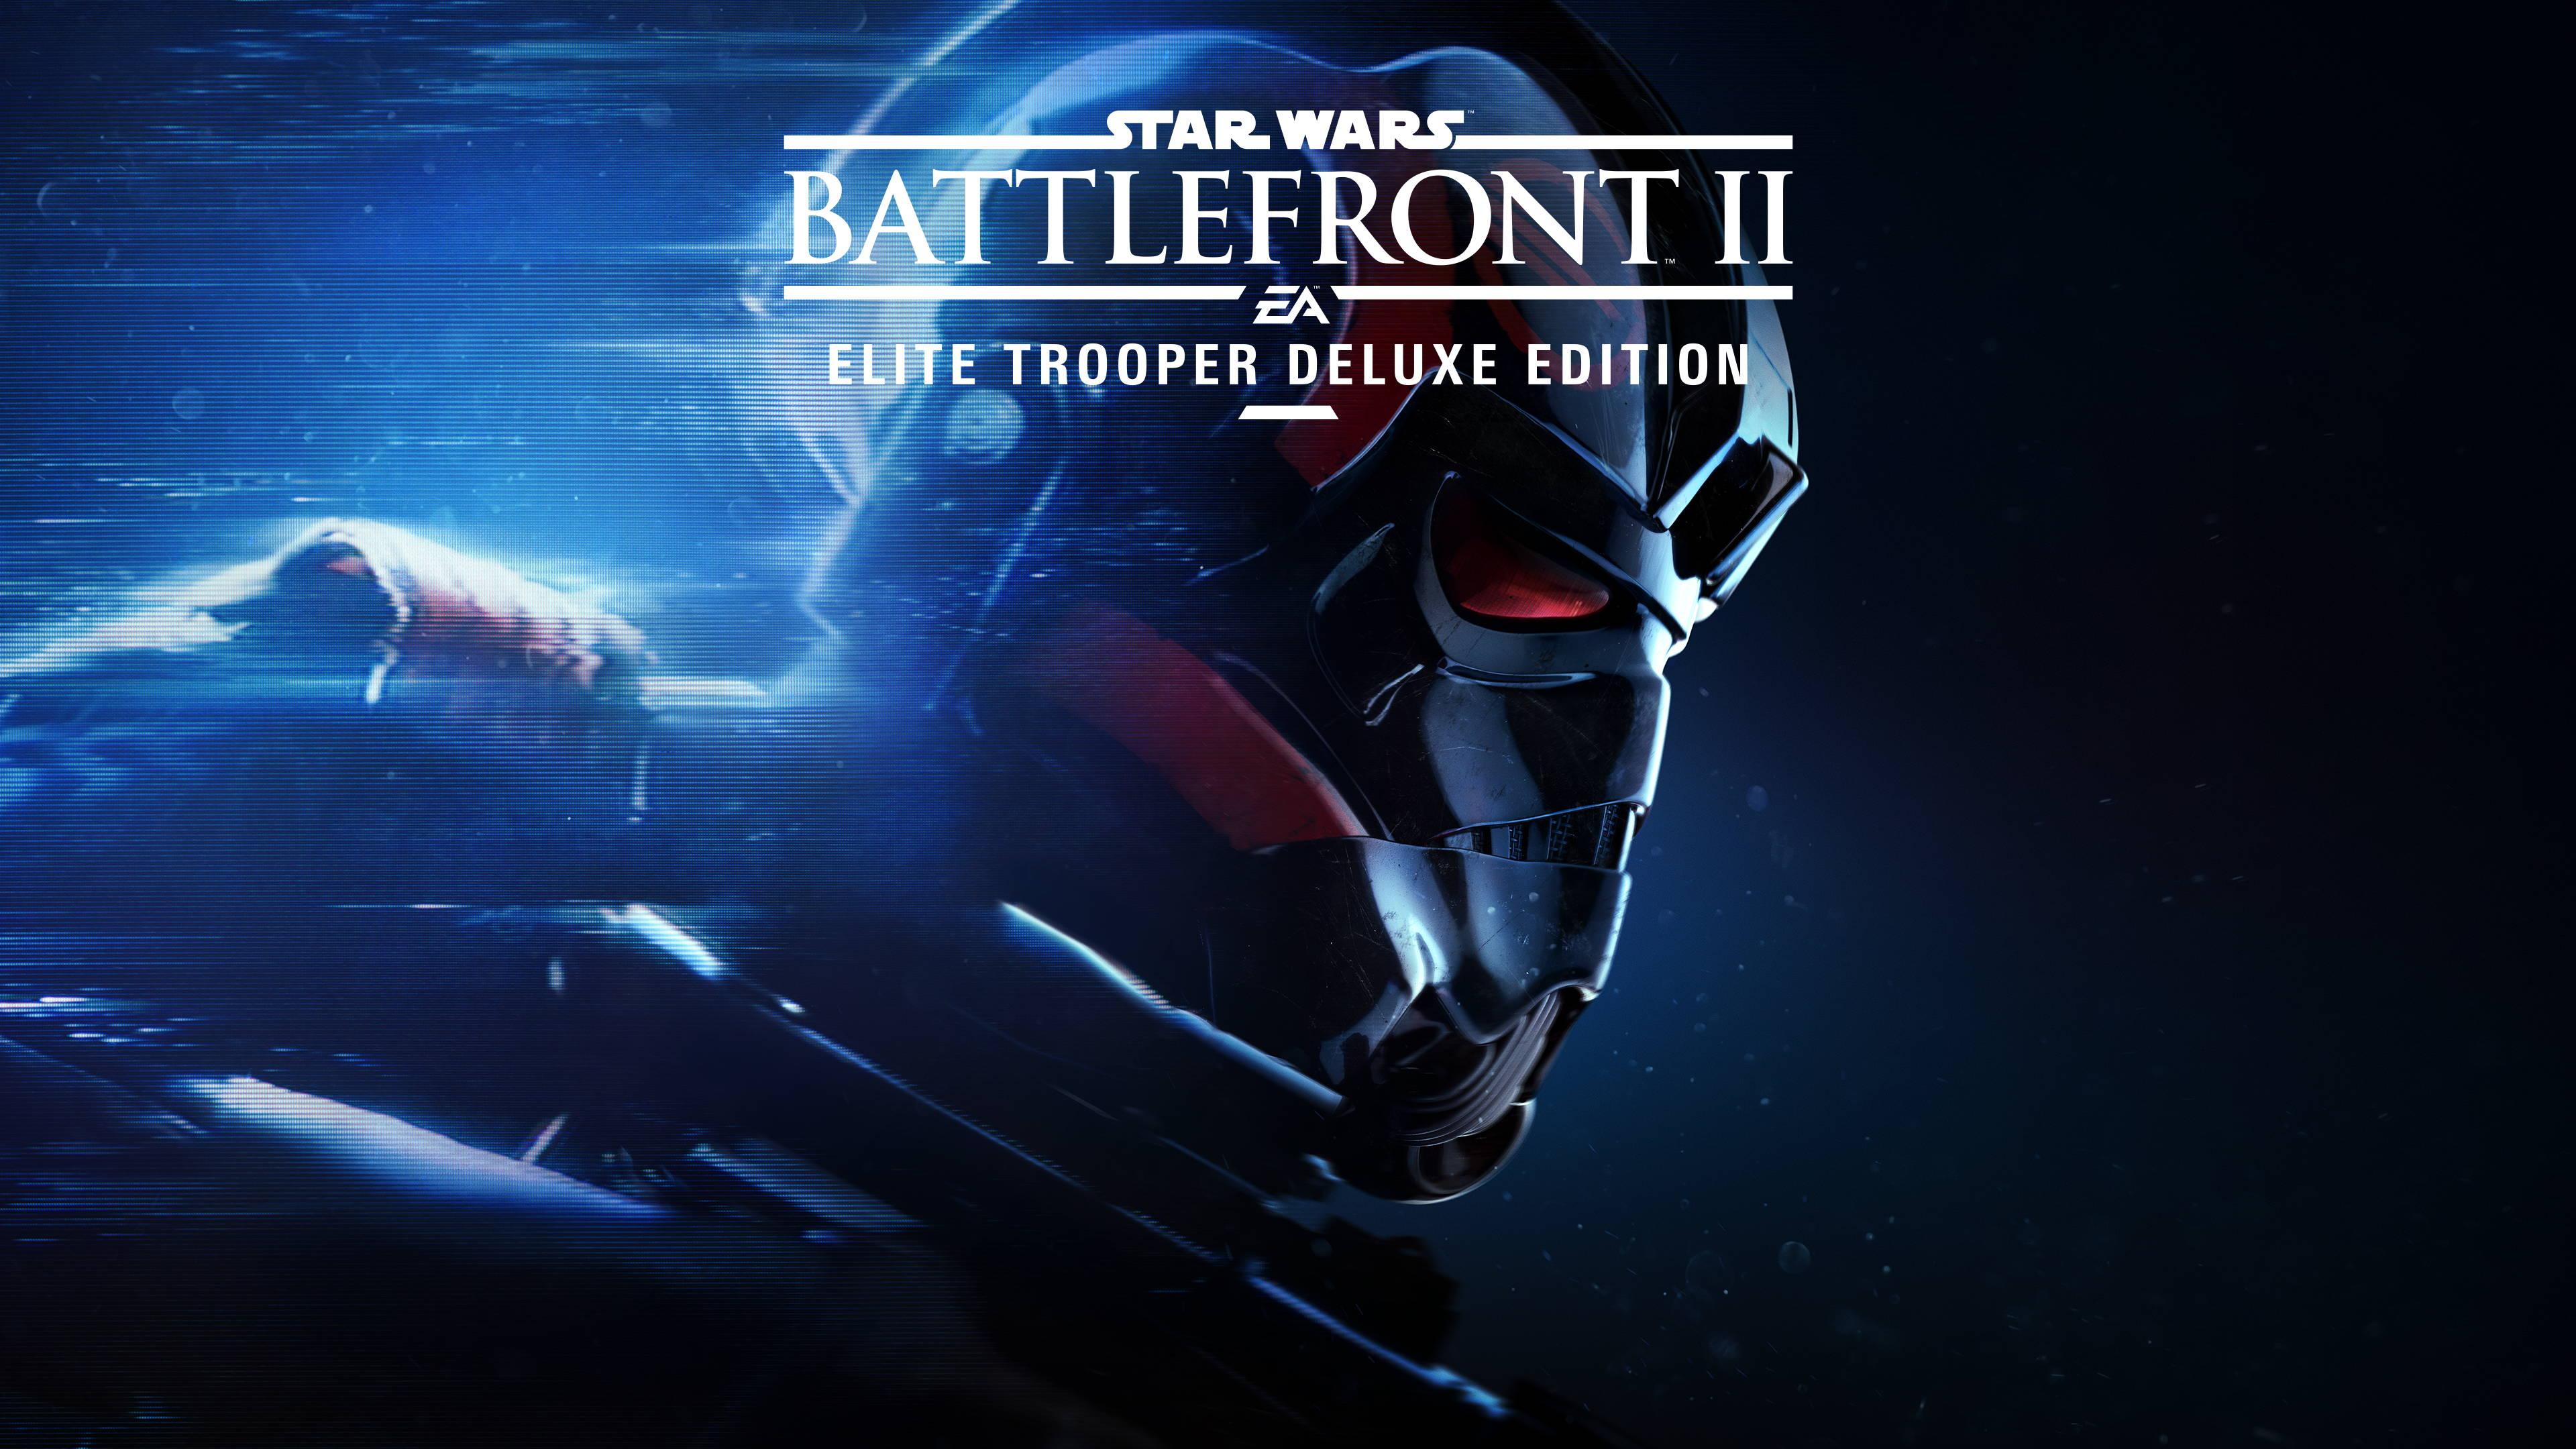 Star Wars Battlefront II Elite Trooper Deluxe Edition, HD ...